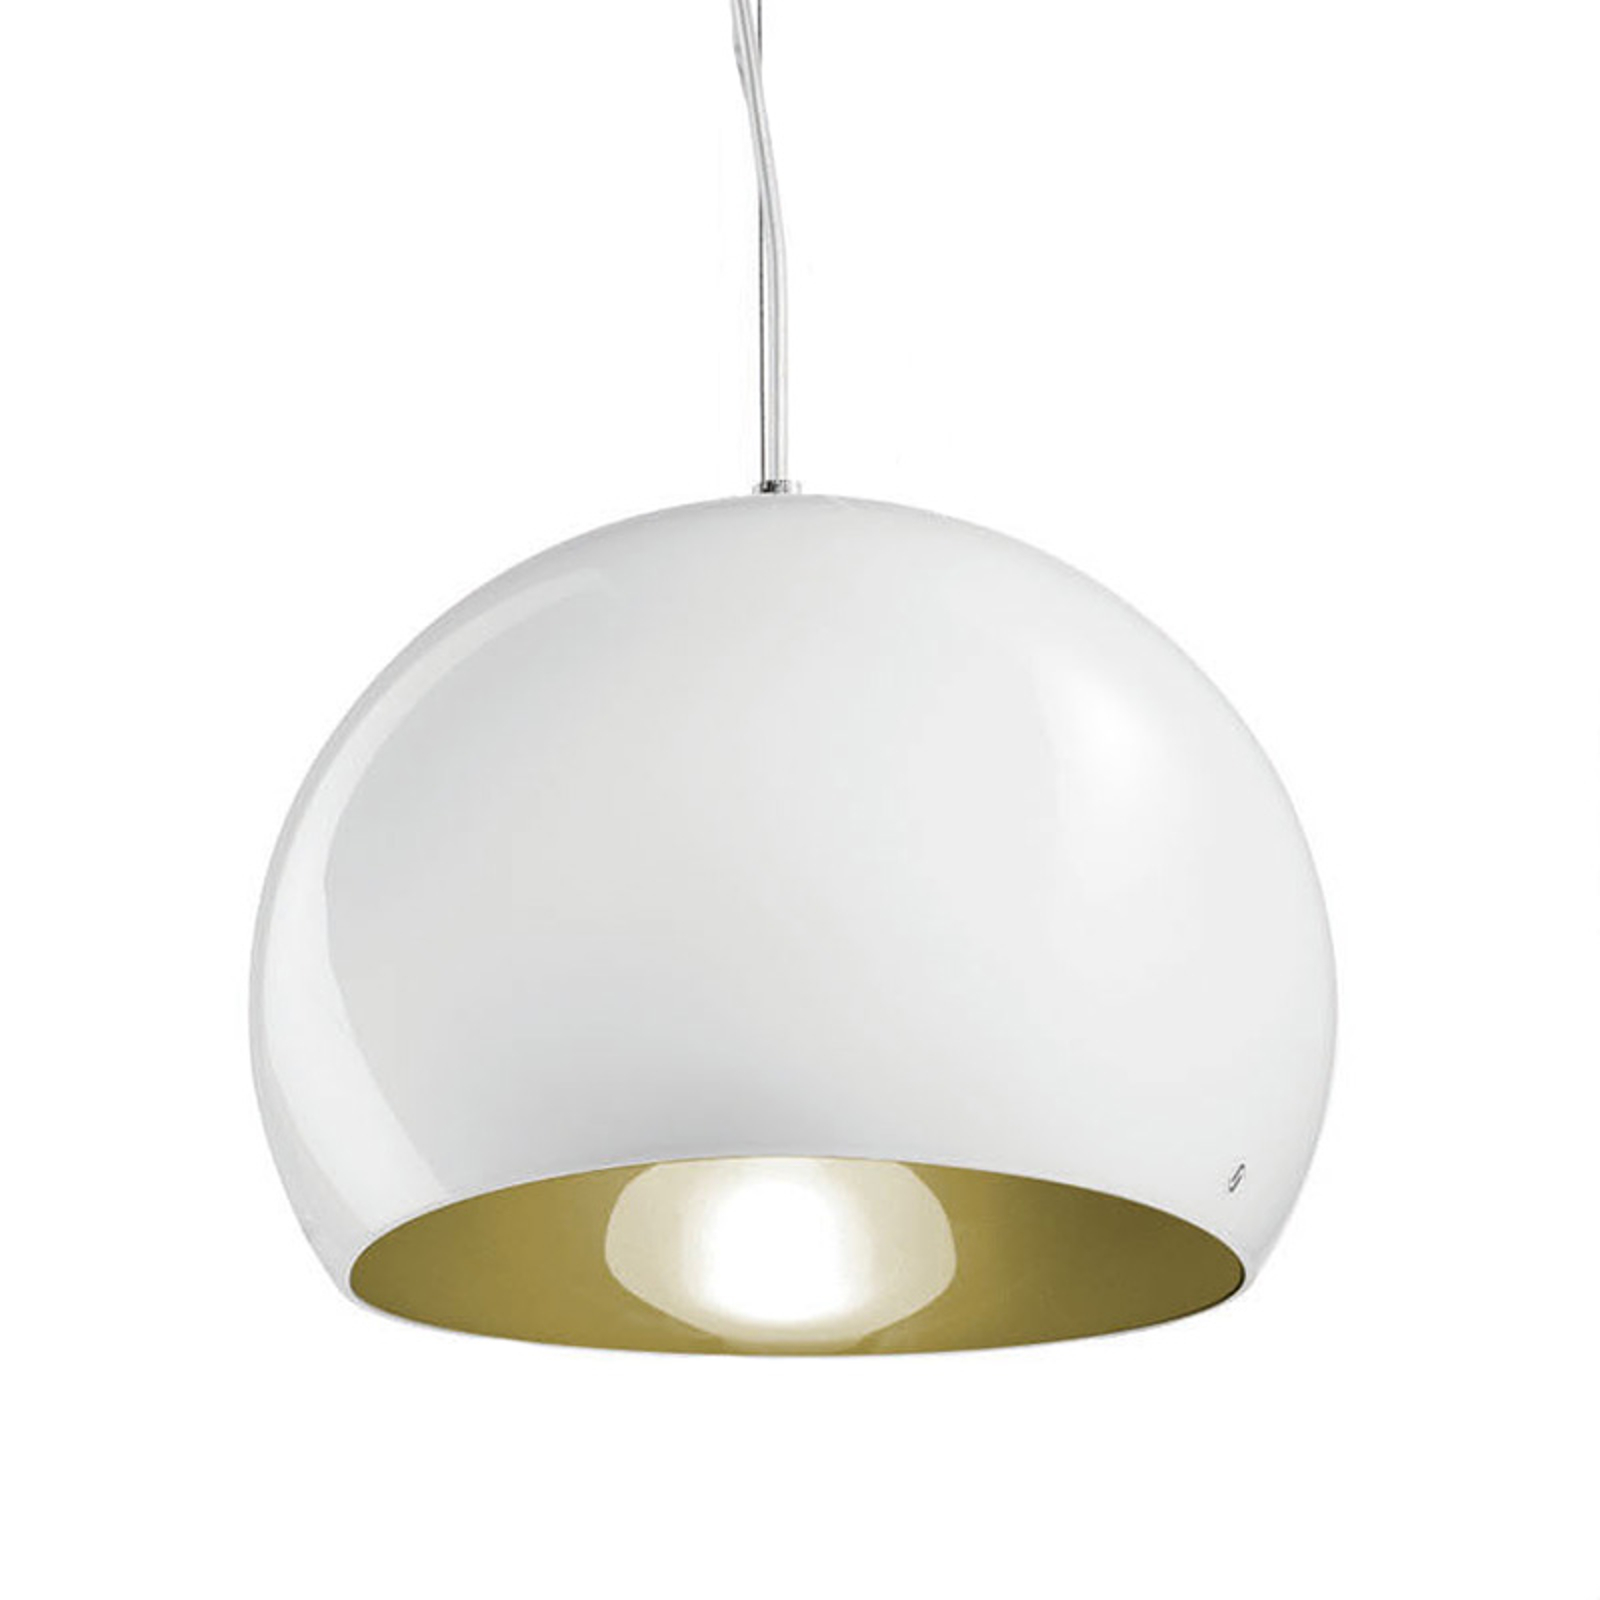 Surface hængelampe Ø 27 cm, E27 hvid, antik grøn